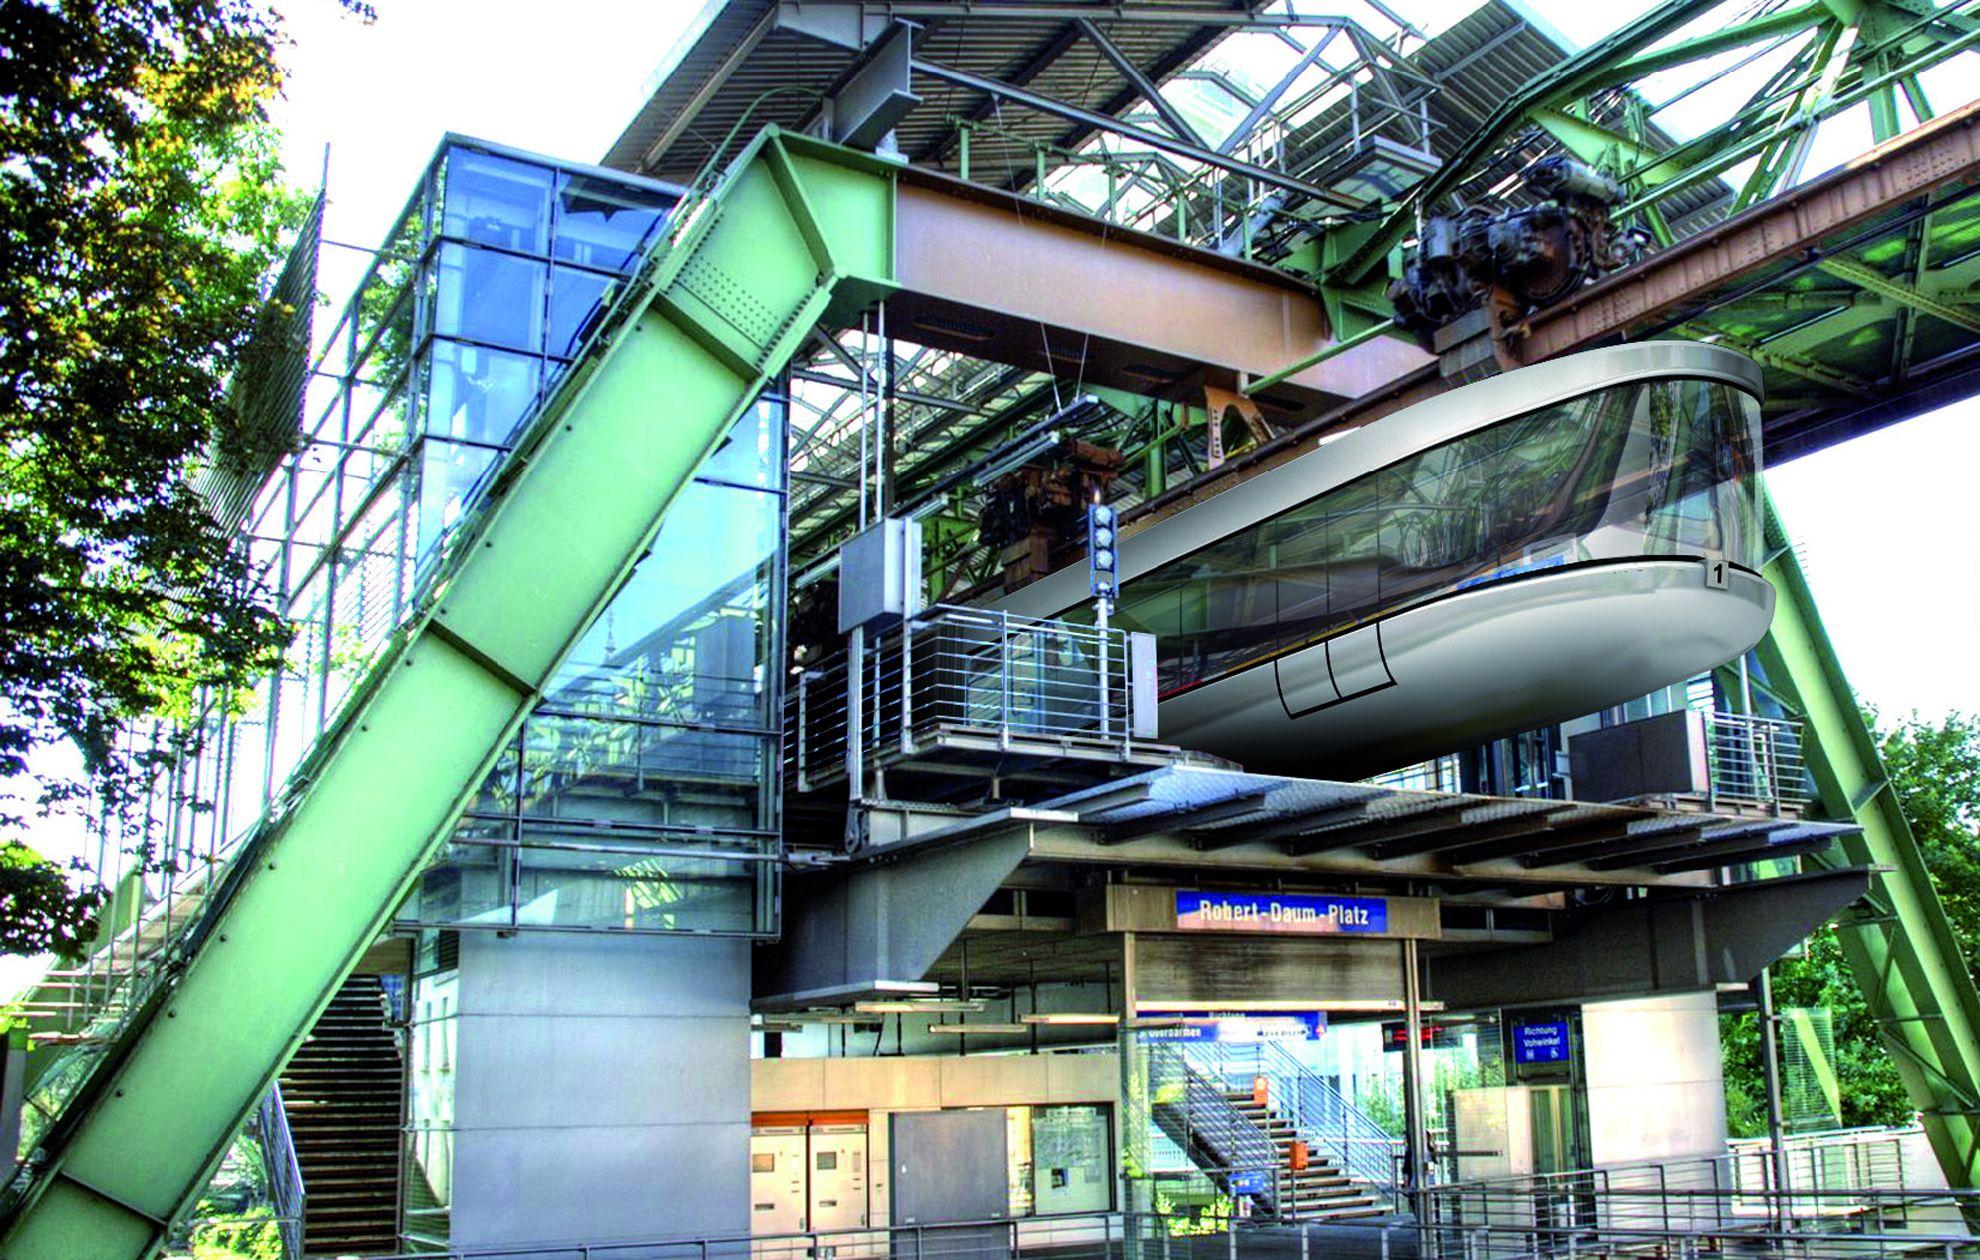 Studie wuppertaler schwebebahn doellmann architecture for Industriedesign wuppertal